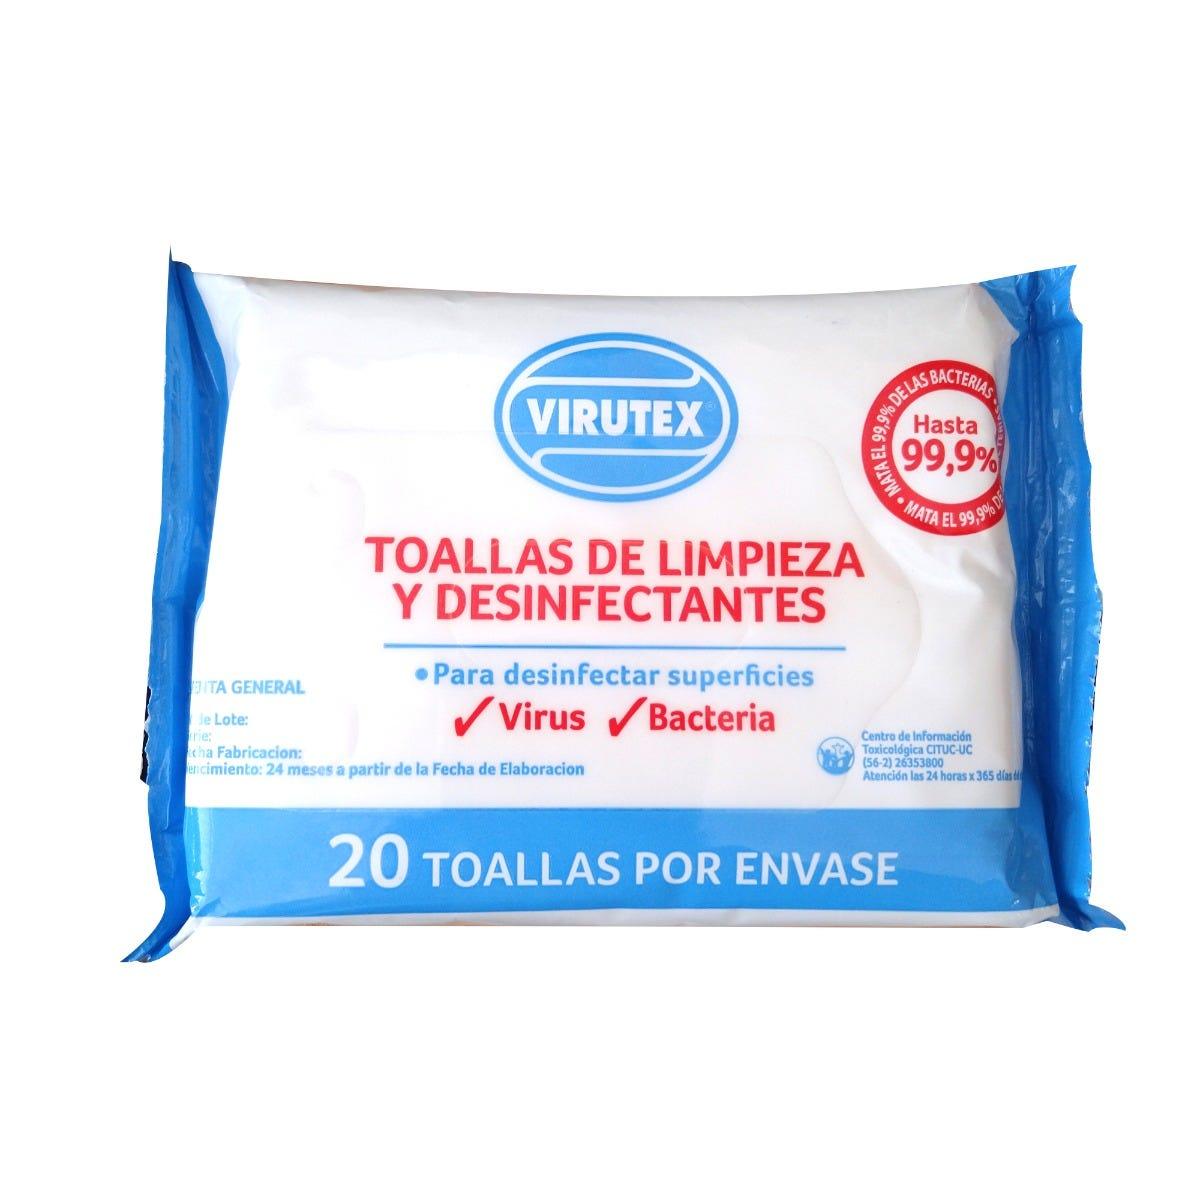 Toallas desinfectantes Virutex®, 20 Piezas